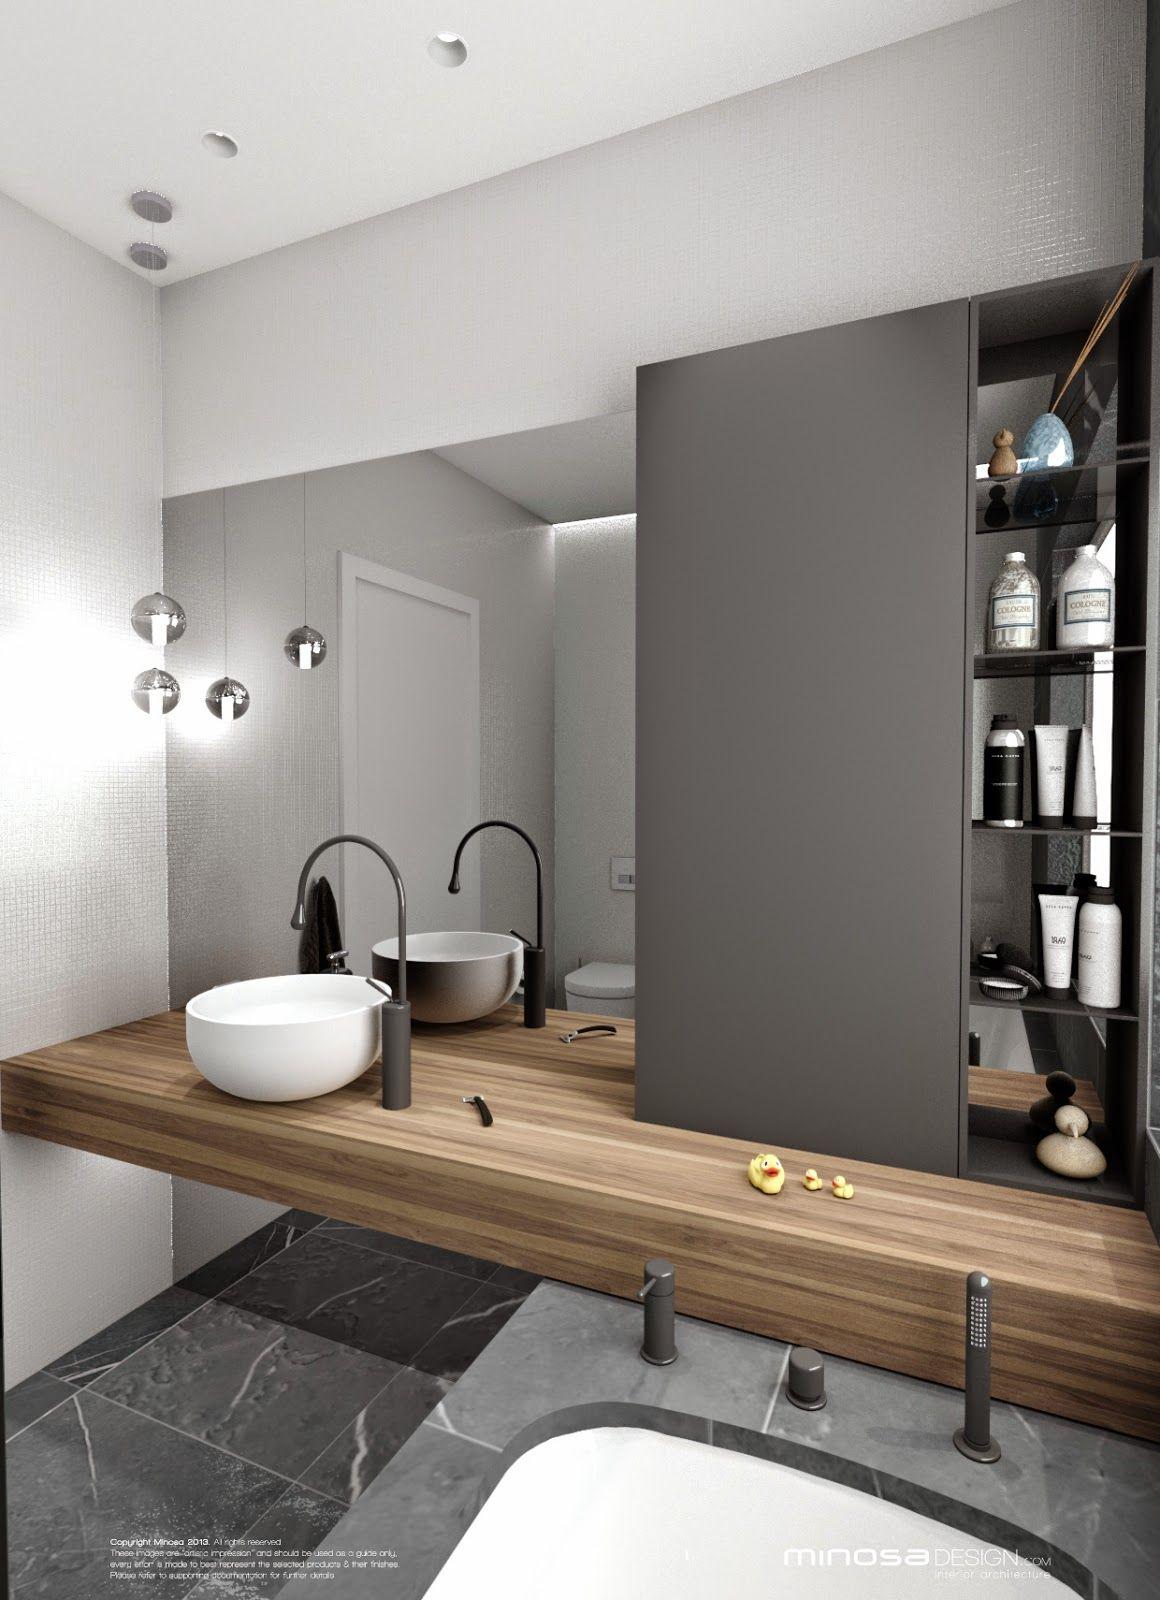 pequeno con tina | Bathroom design small, Bathroom ...